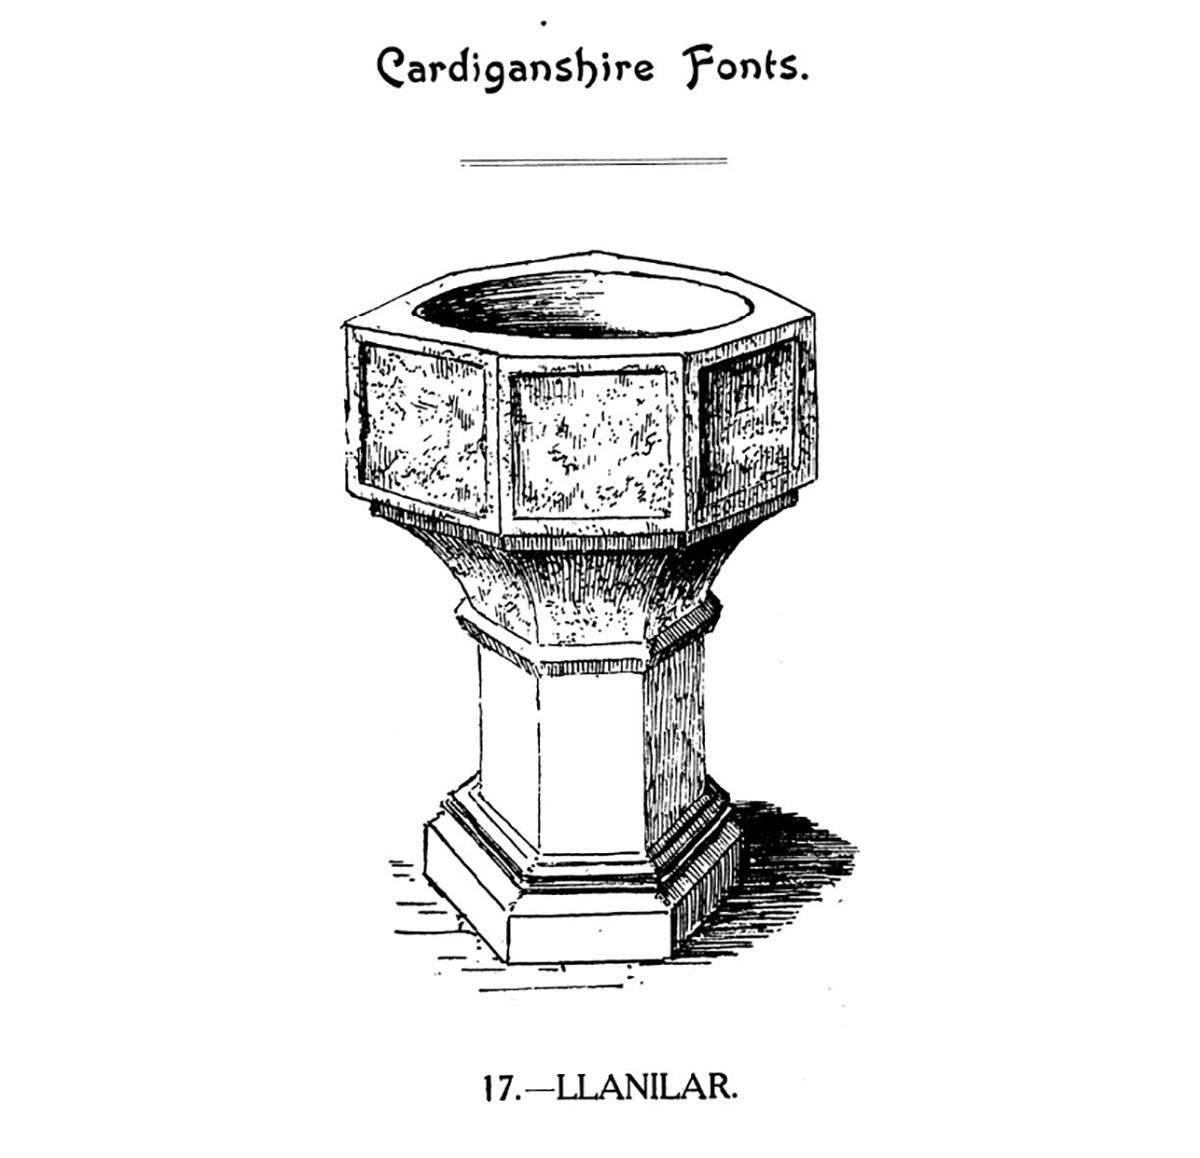 Cardiganshire Fonts - Llanilar